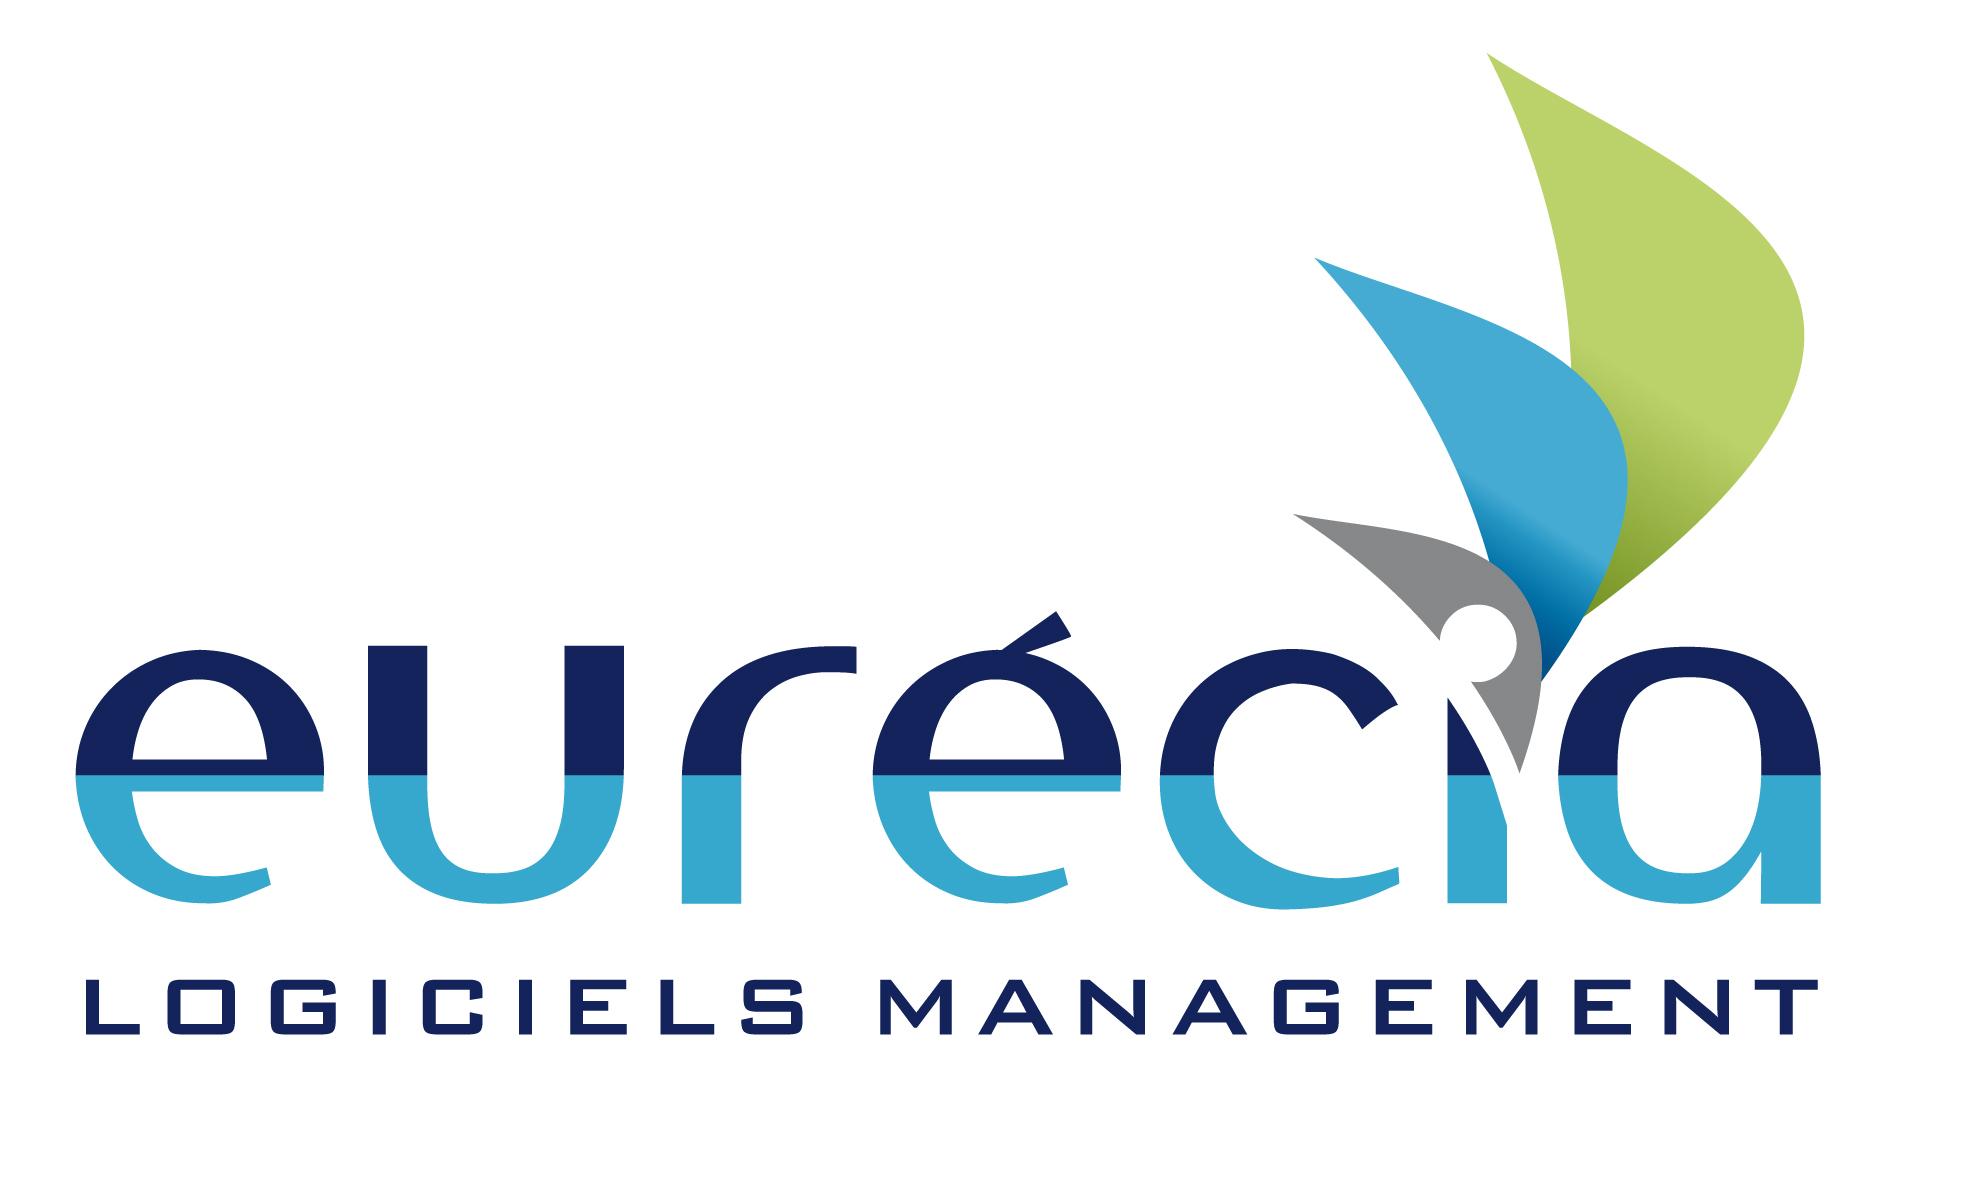 EURECIA, lance un vaste programme pour recruter une centaine de partenaires distributeurs